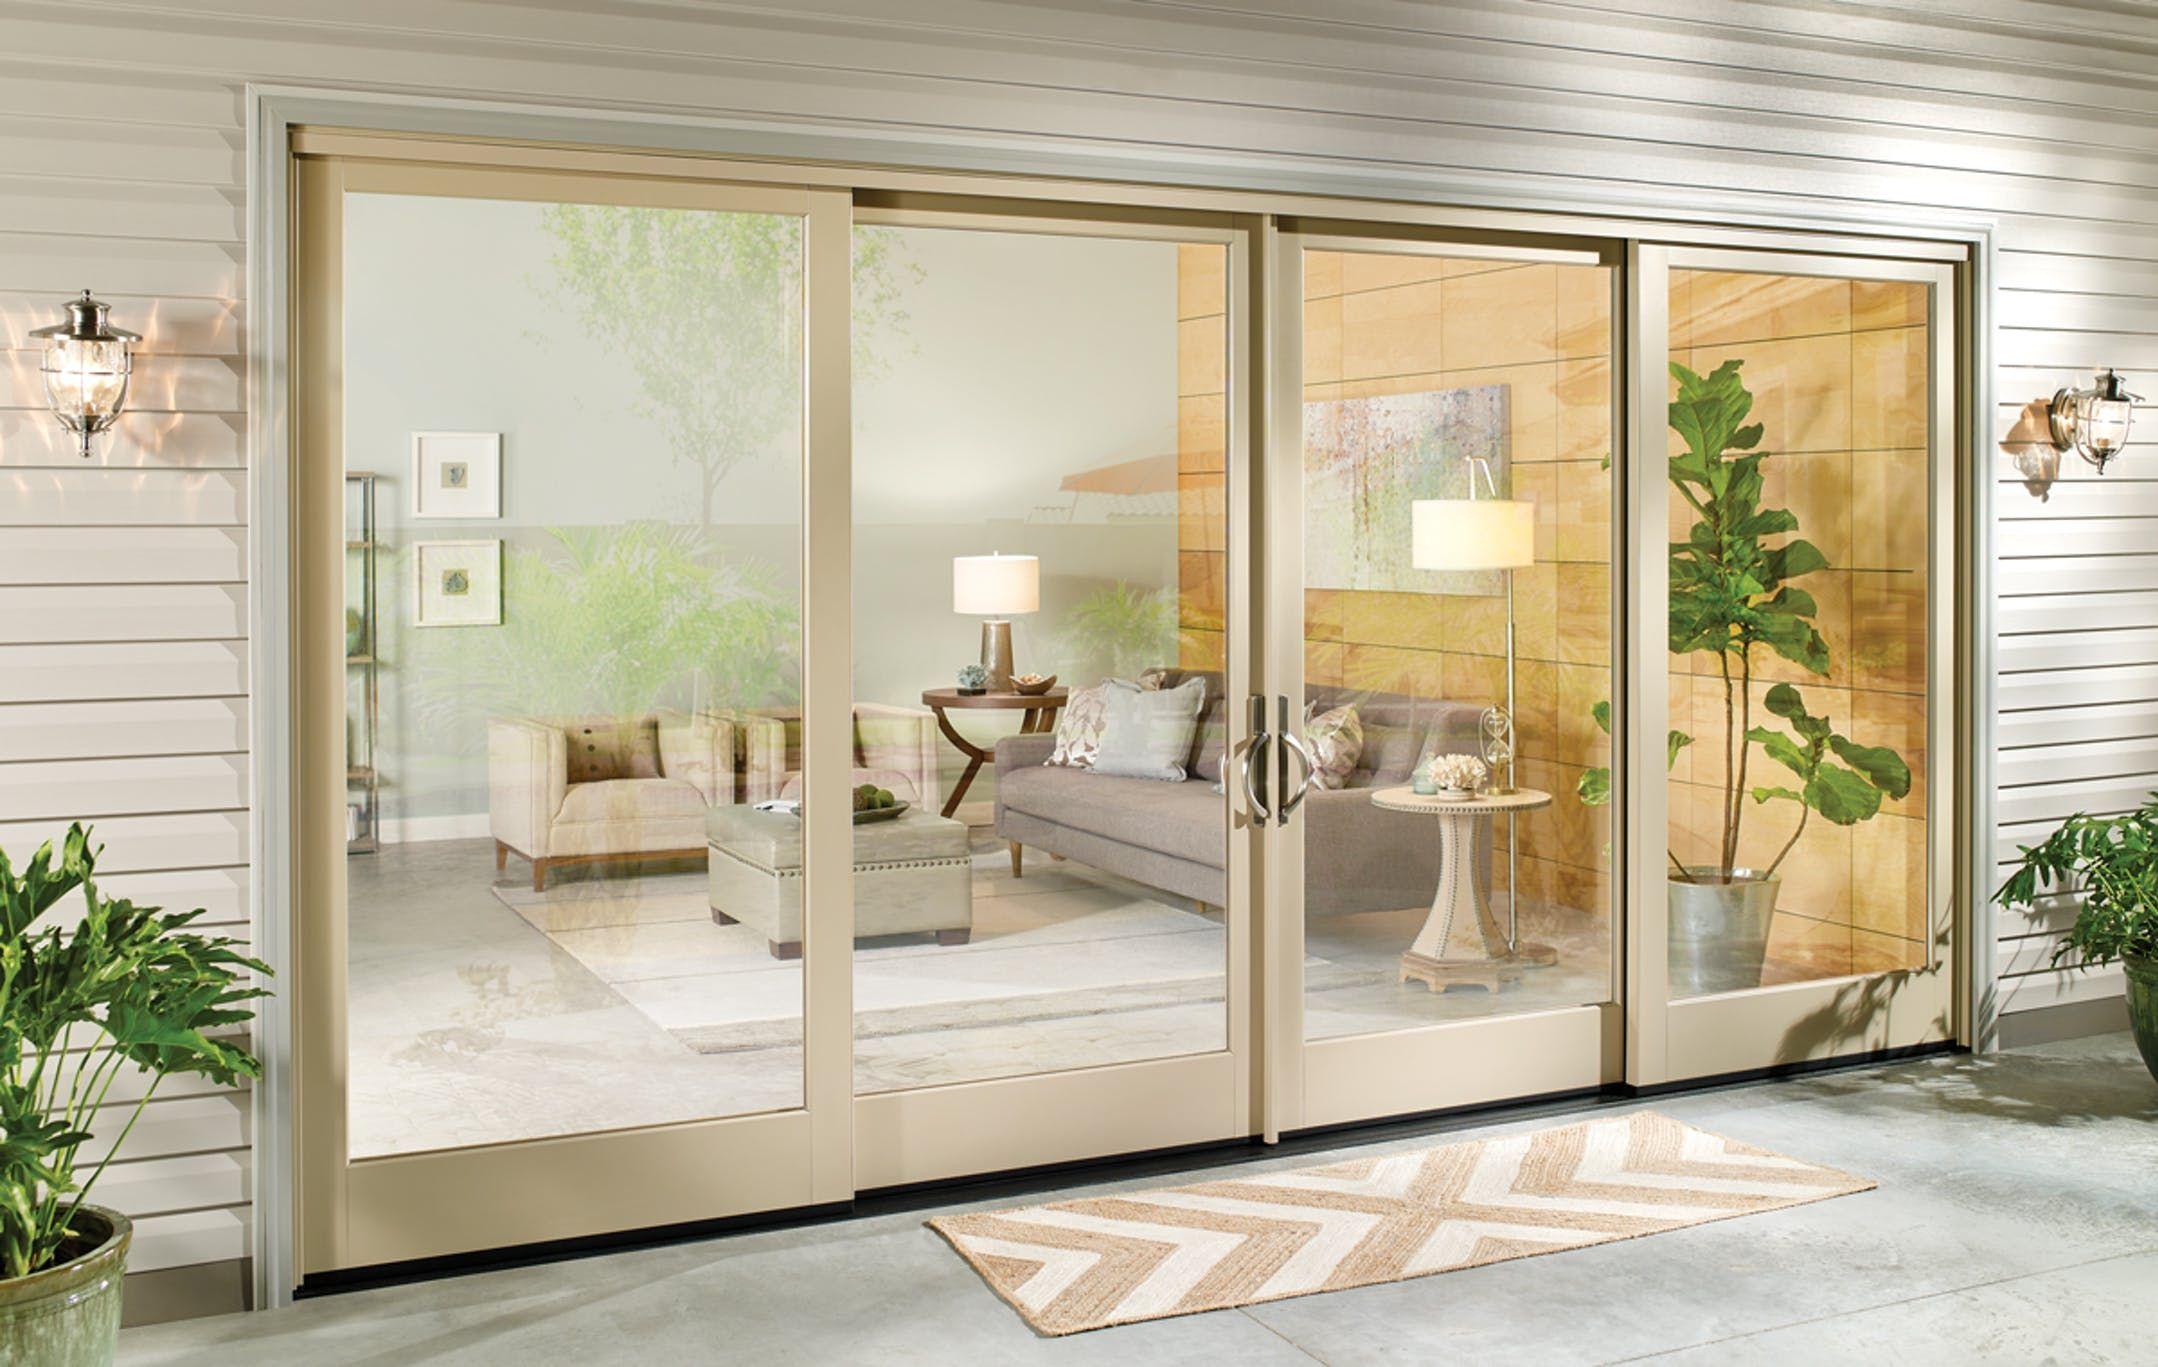 Image Result For Oxxo Sliding Door Patio Doors Double Sliding Patio Doors Sliding Patio Doors